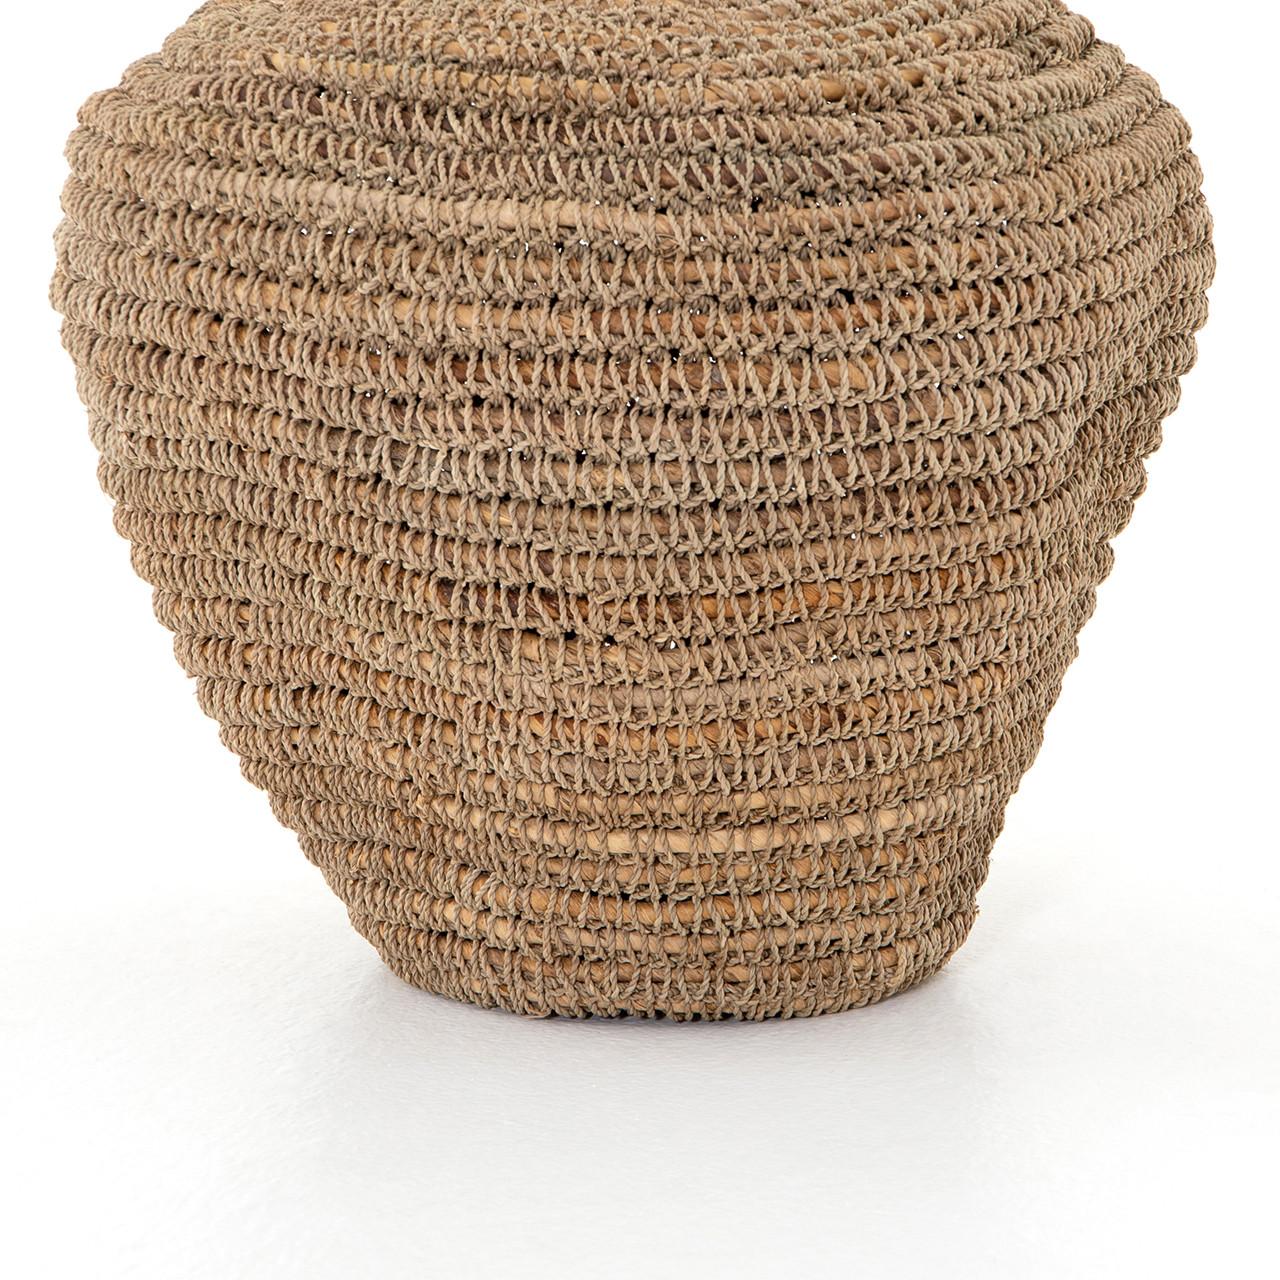 O'ahu Basket - Natural Banana Leaf